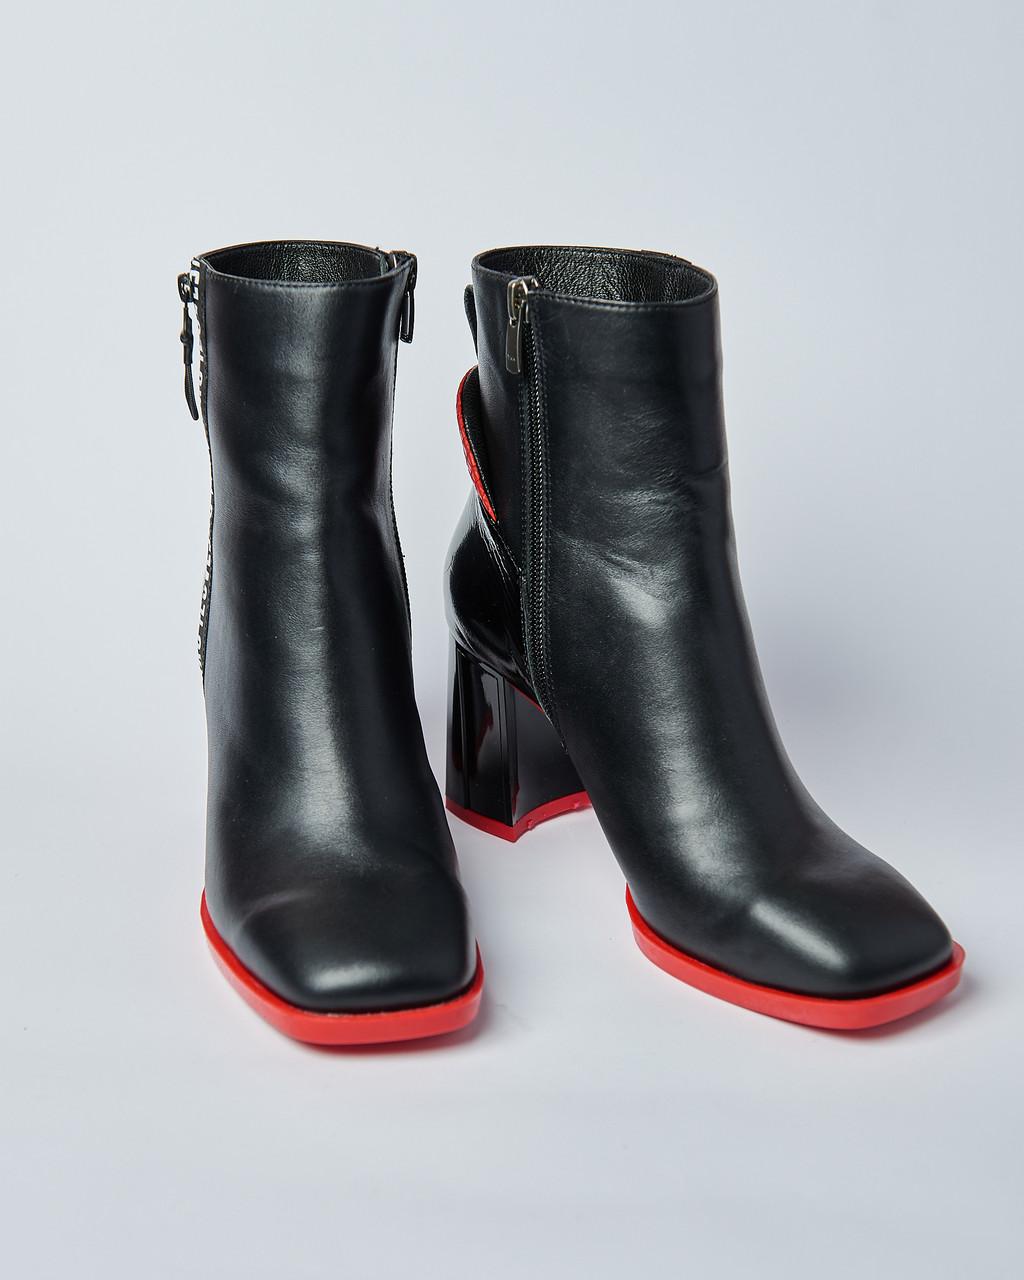 Ботинки кожаные женские черные на каблуке. Турция